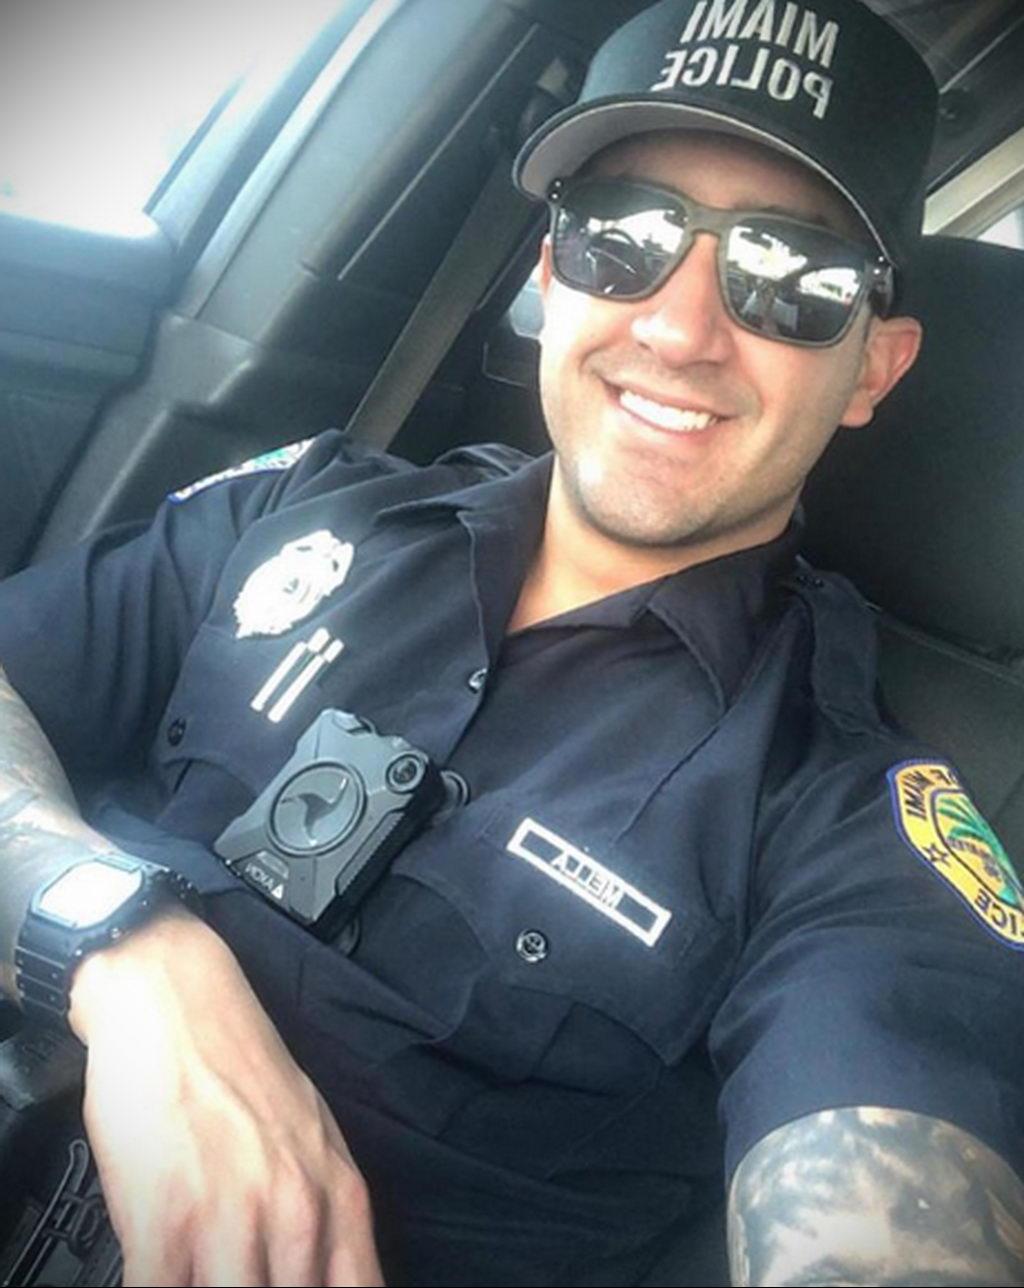 Фото действующего сотрудника полиции в форме с татуировками на теле для tatufoto.com 40